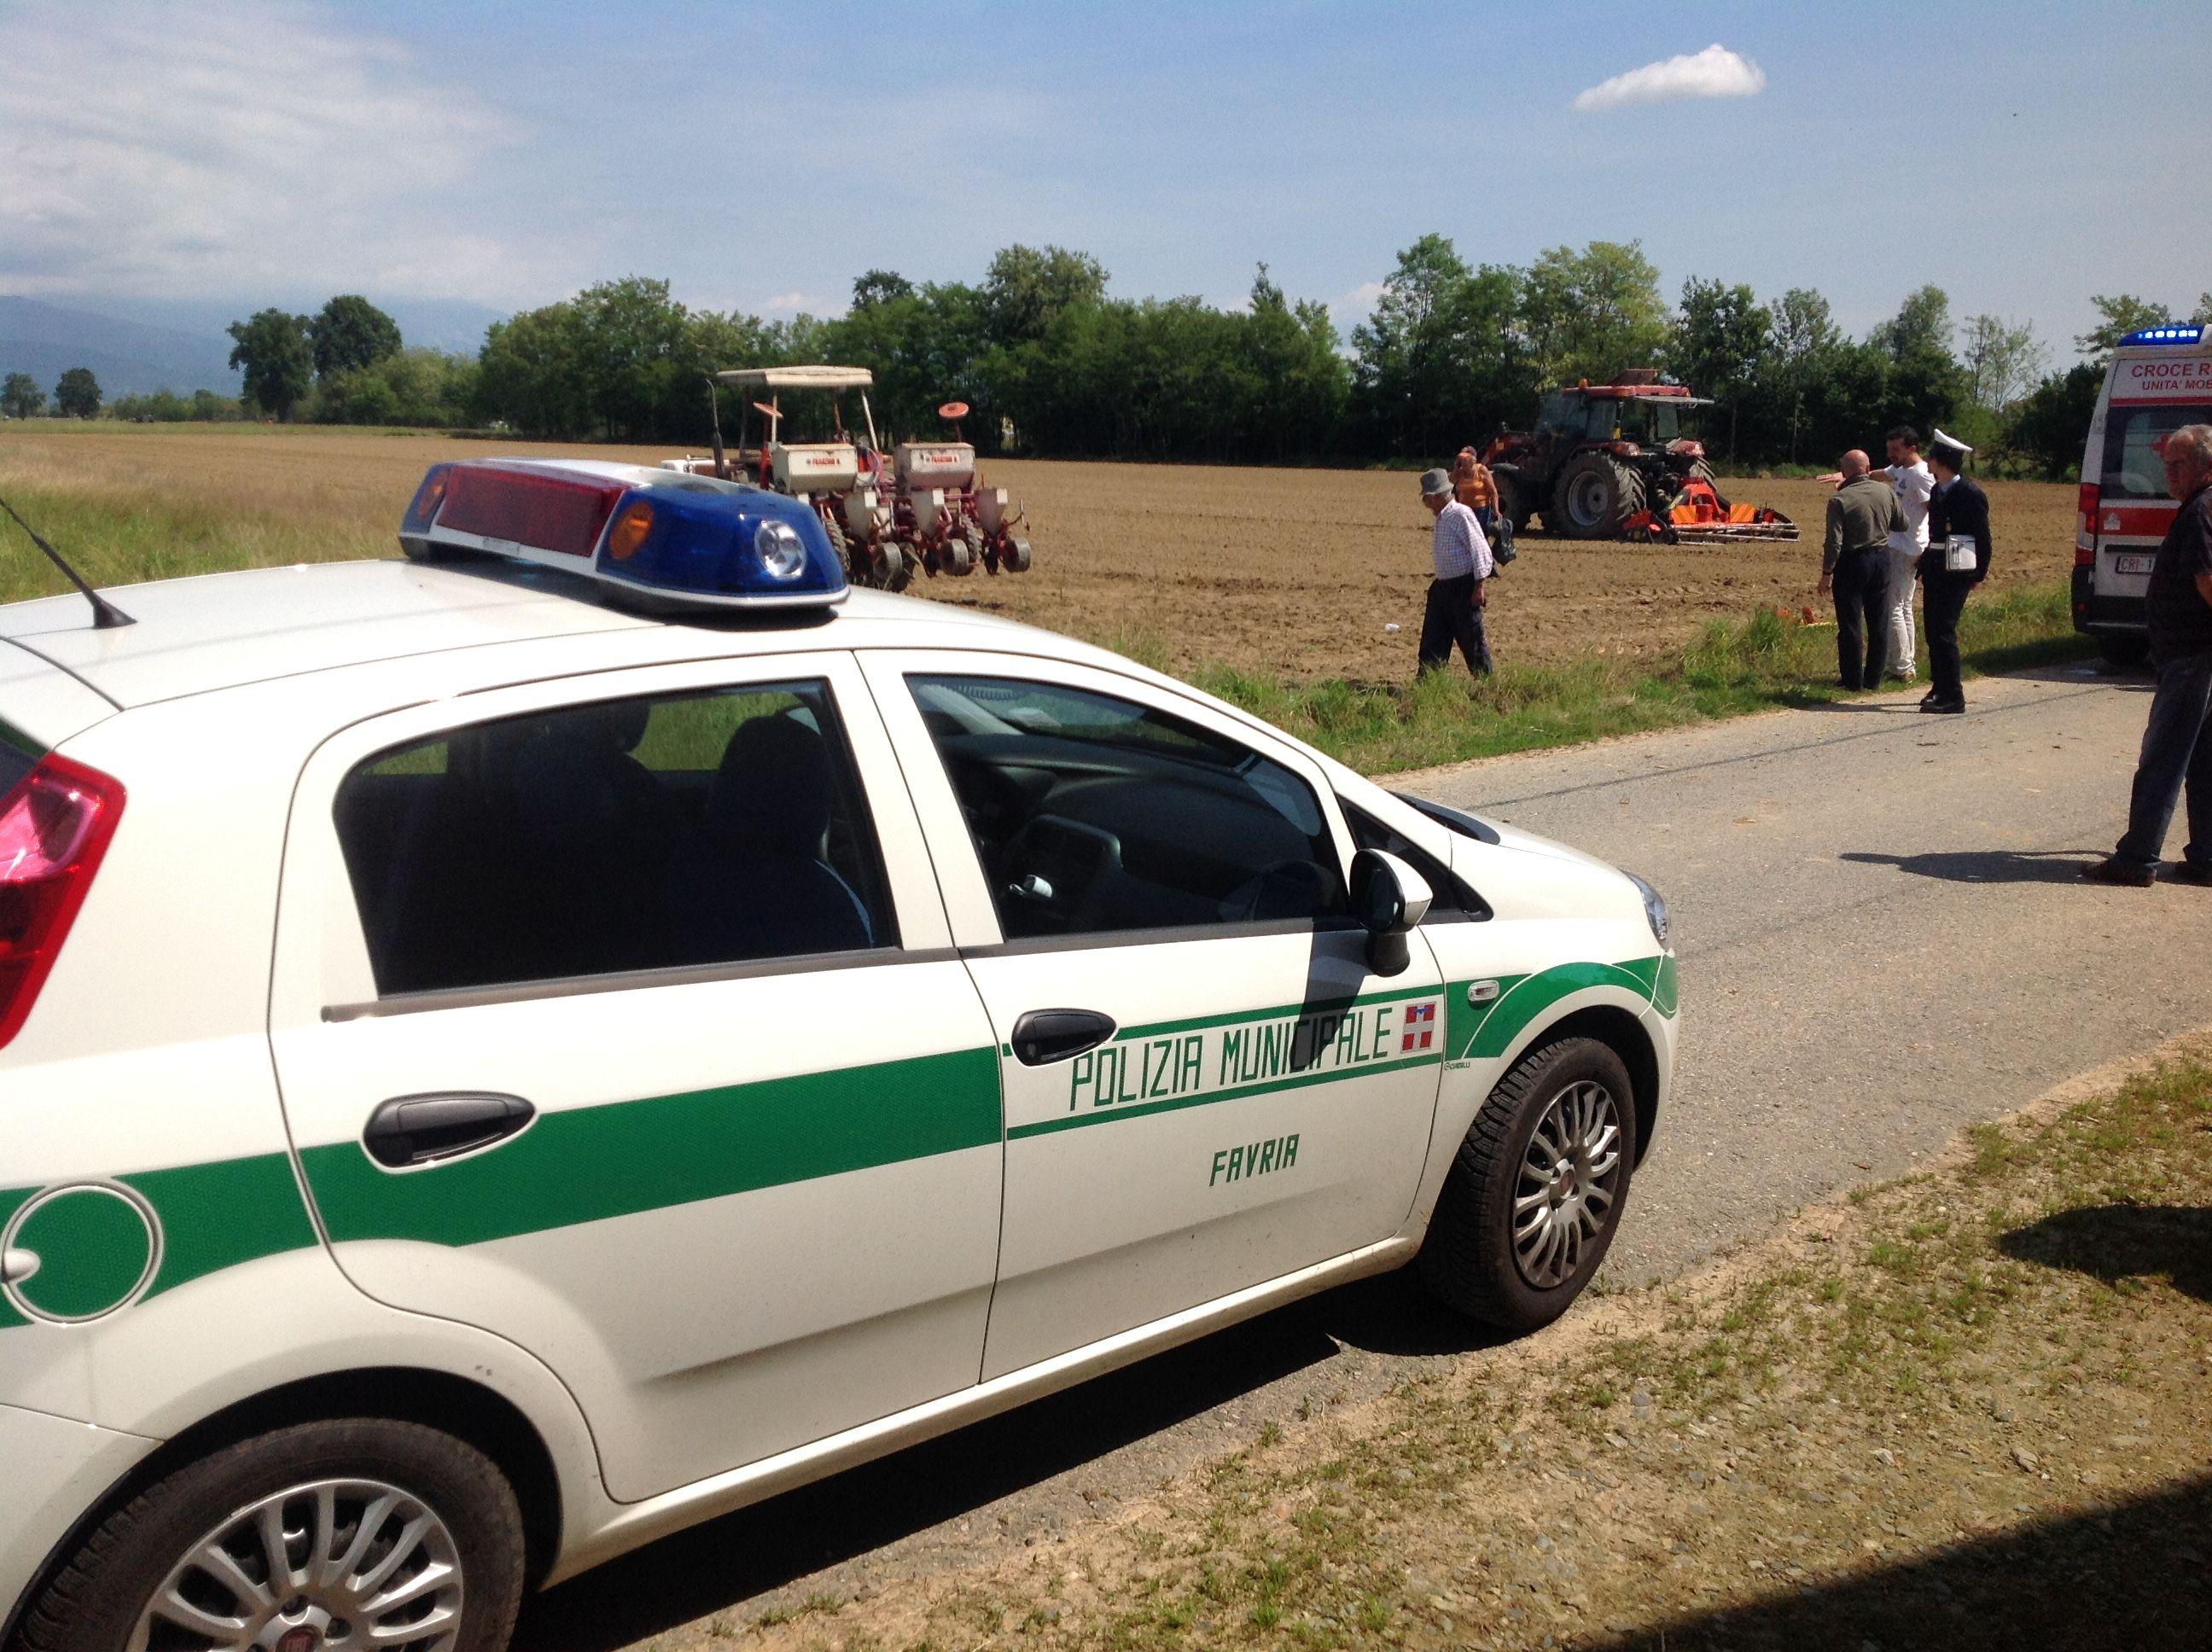 FAVRIA - Incidente sul lavoro: ferito un agricoltore di 42 anni - FOTO e VIDEO